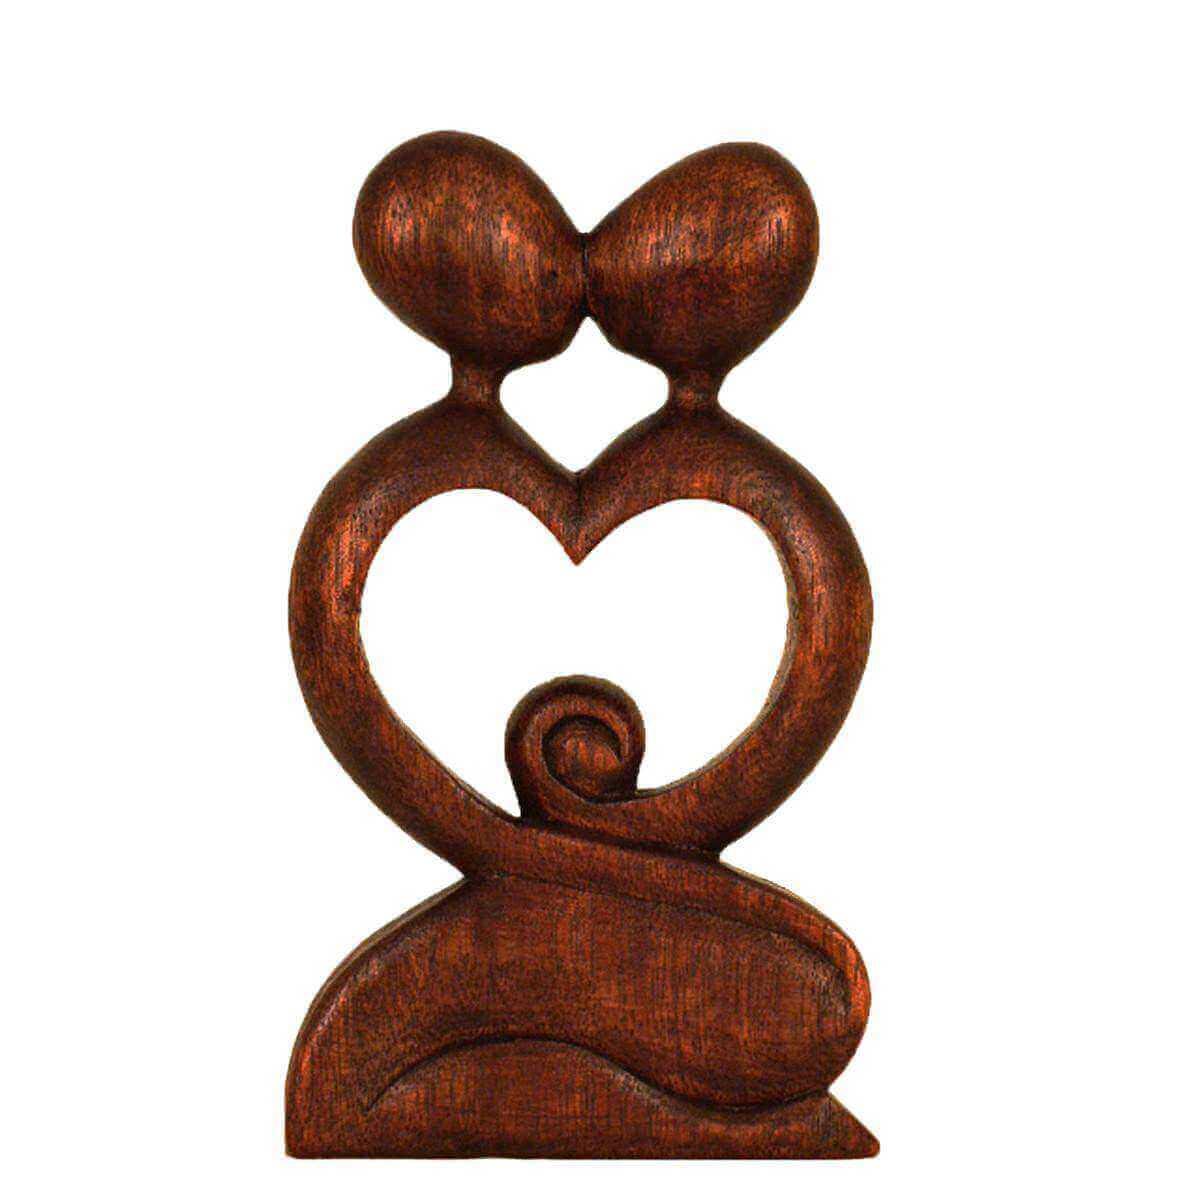 holz figur skulptur abstrakt holzfigur afrika asien deko geschenk, Wohnzimmer dekoo